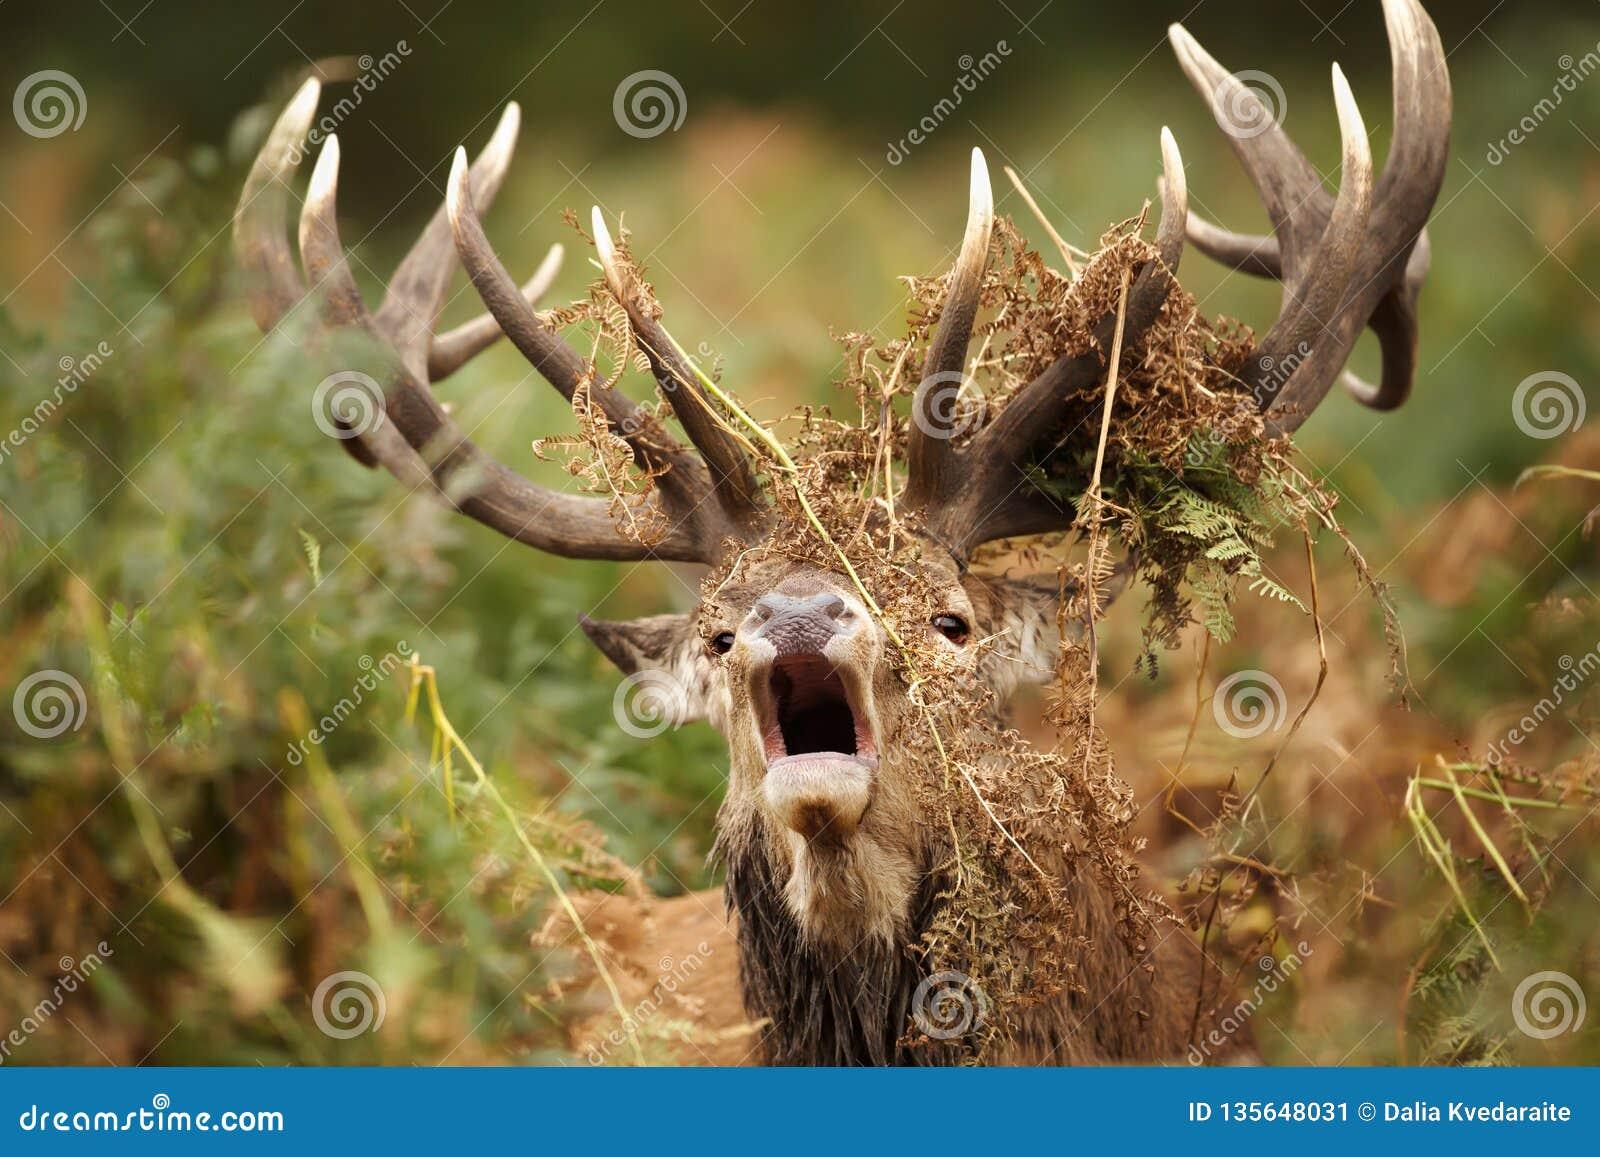 咆哮与蕨的马鹿雄鹿被装饰在它的鹿角附近